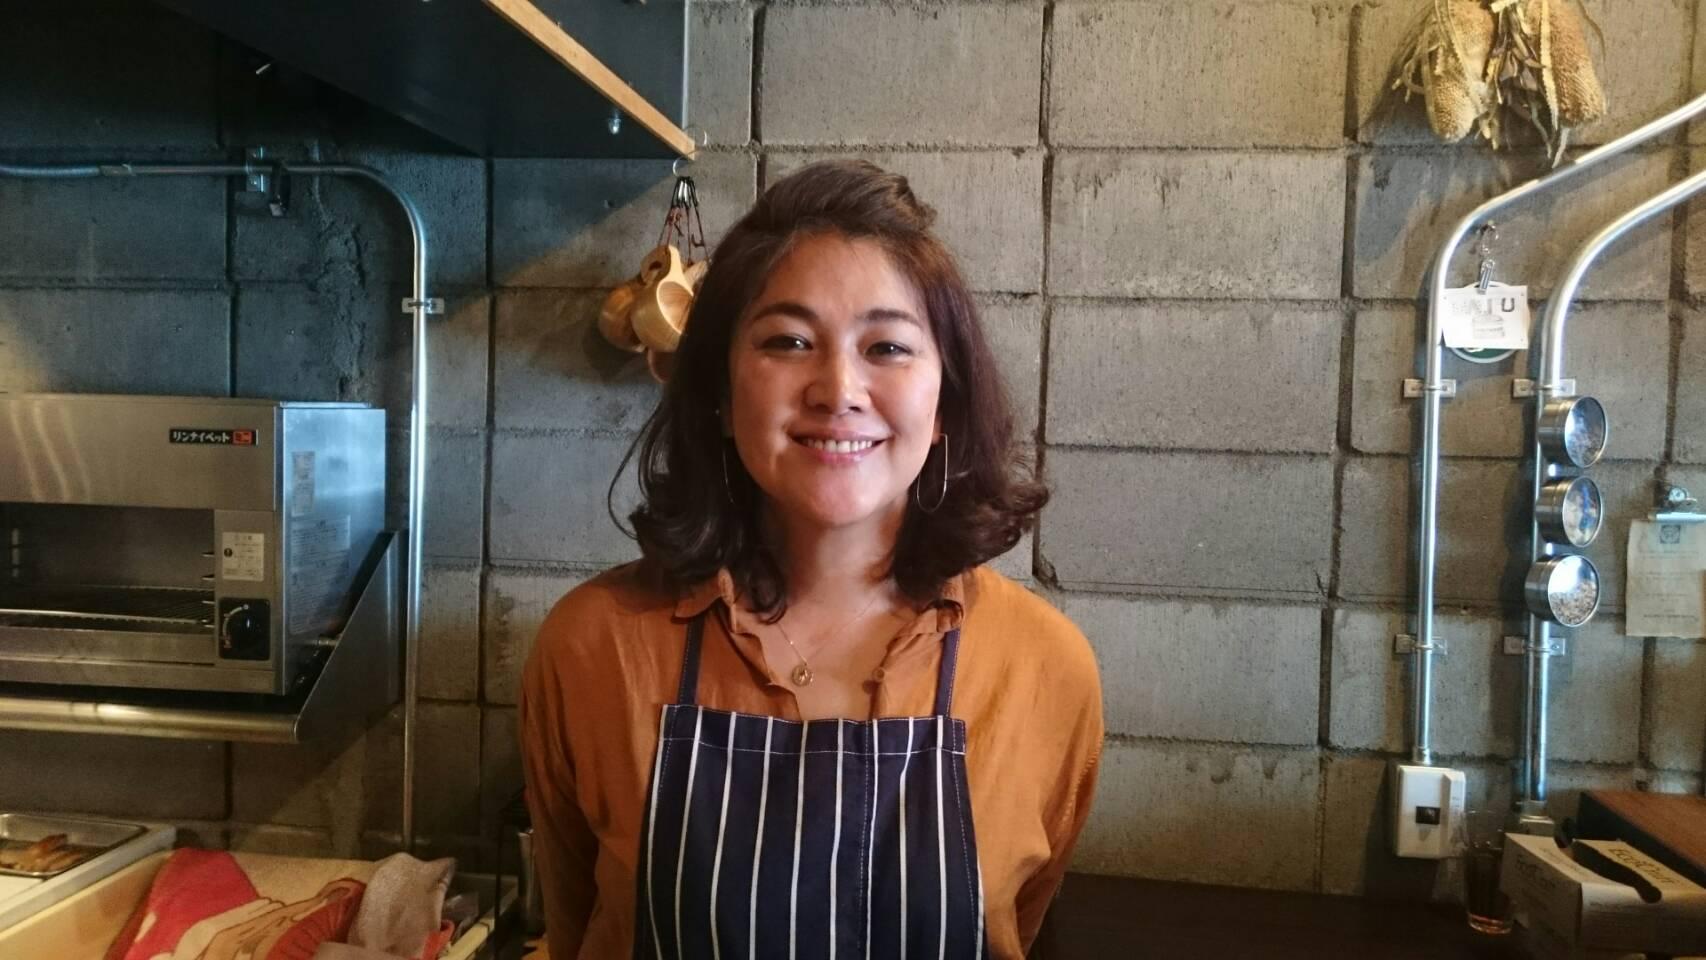 今日のキラキラさん ~ハンバーガー専門店MALIBUで働く内堀富美さん~